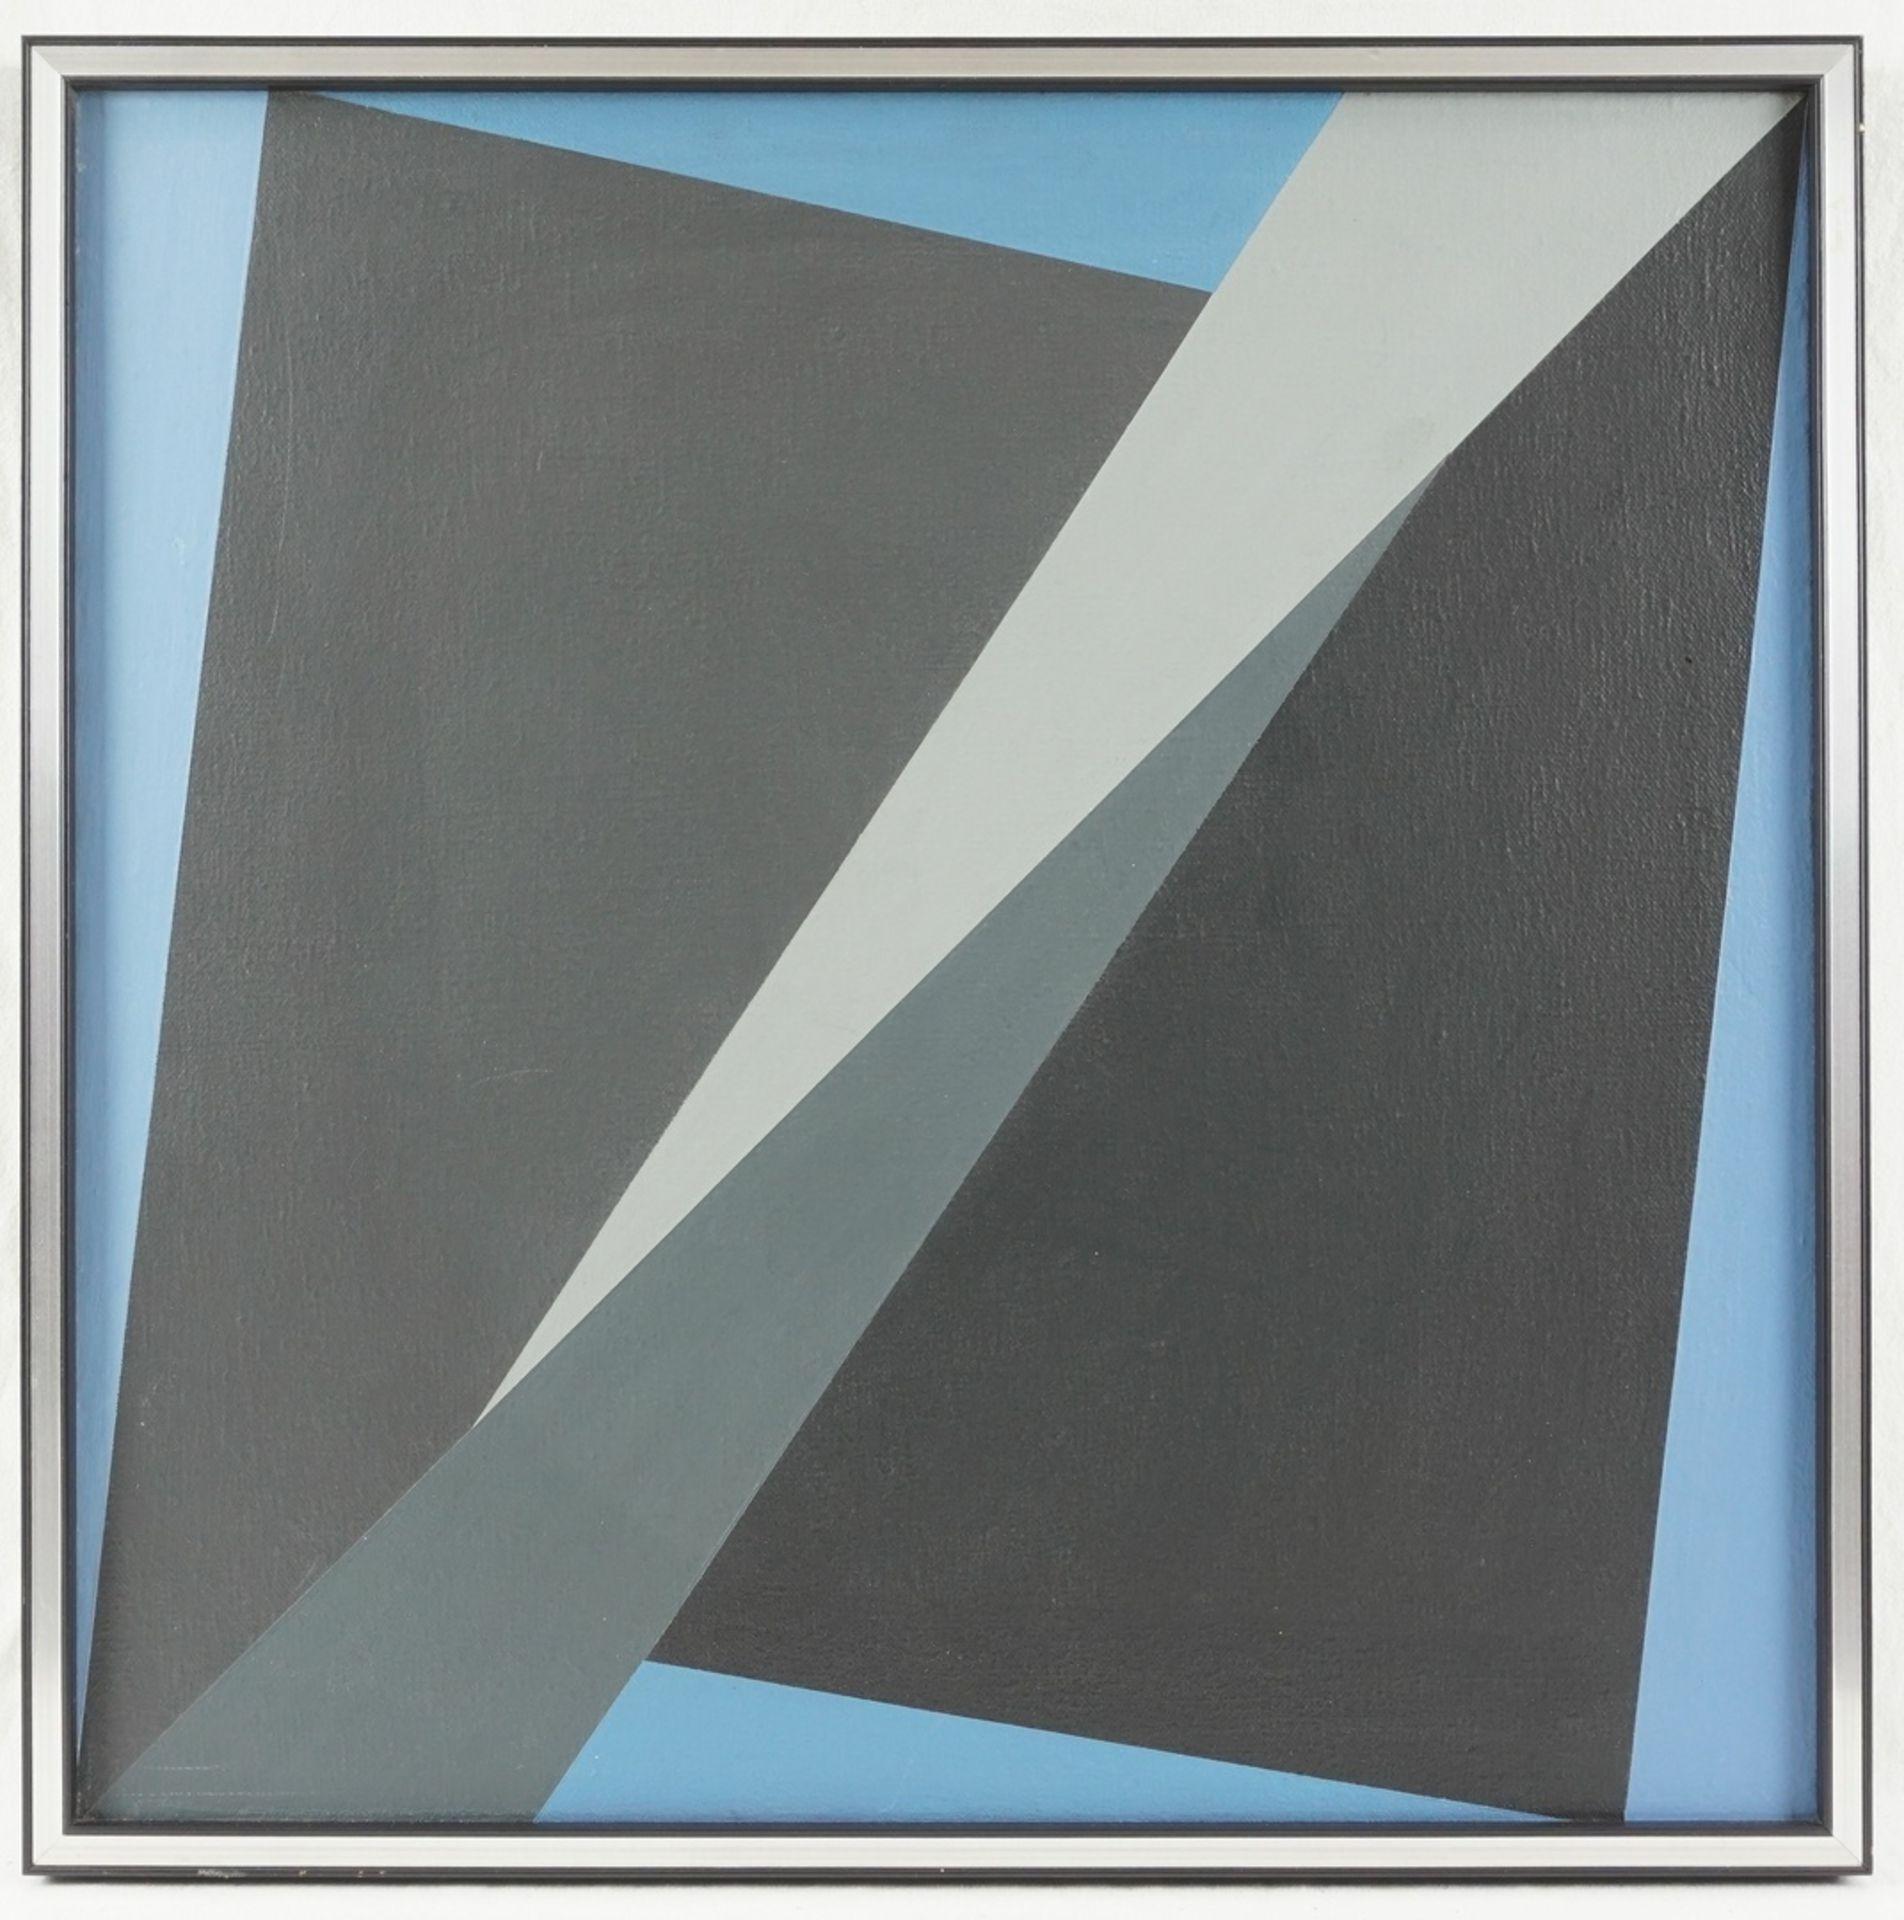 Helmut Sundhaußen, Geometrische Komposition auf blauem Grund